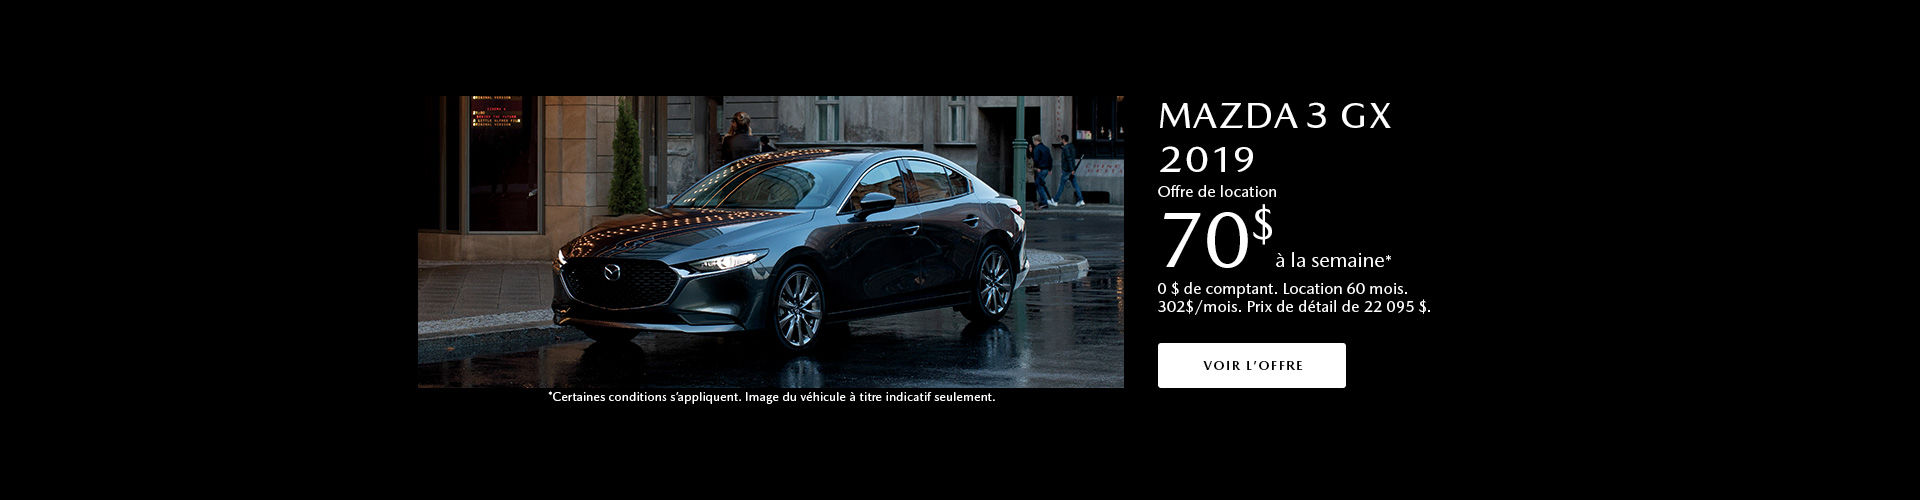 Mazda 3 promotion juin